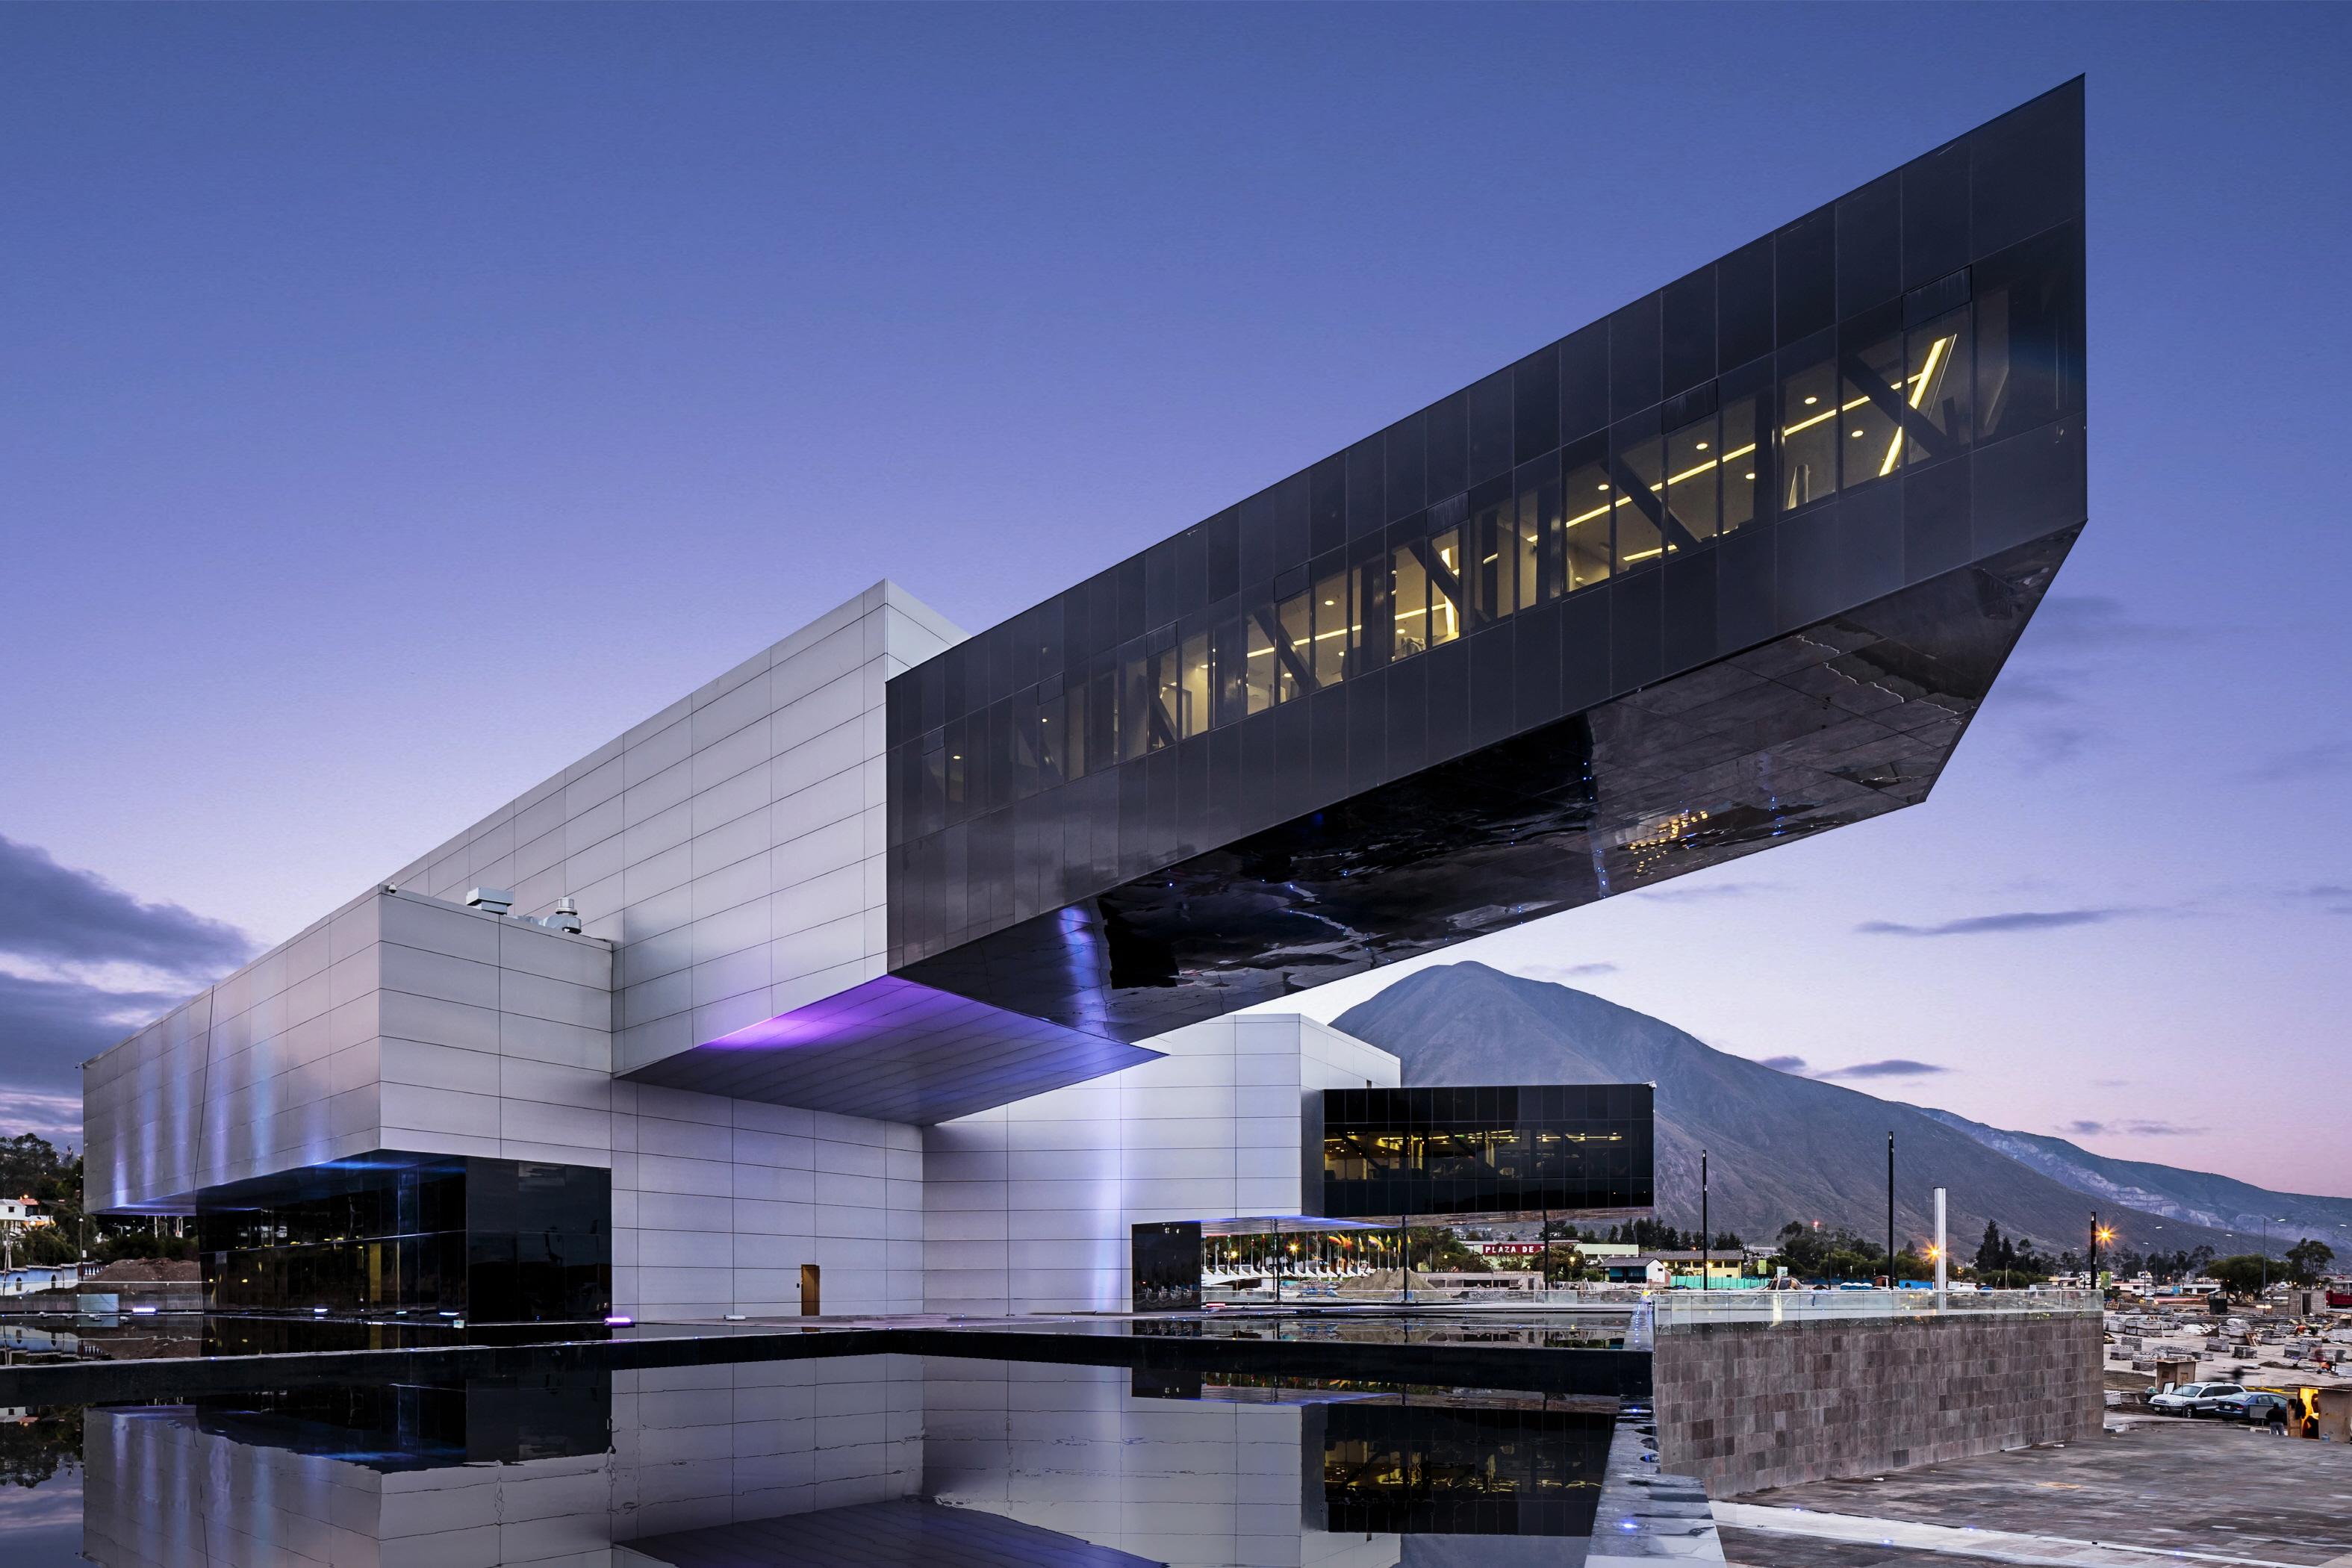 〔안정원의 건축 칼럼〕 하나 된 남미의 목소리와 미래 비전을 담아낸 남미국가연합본사 1